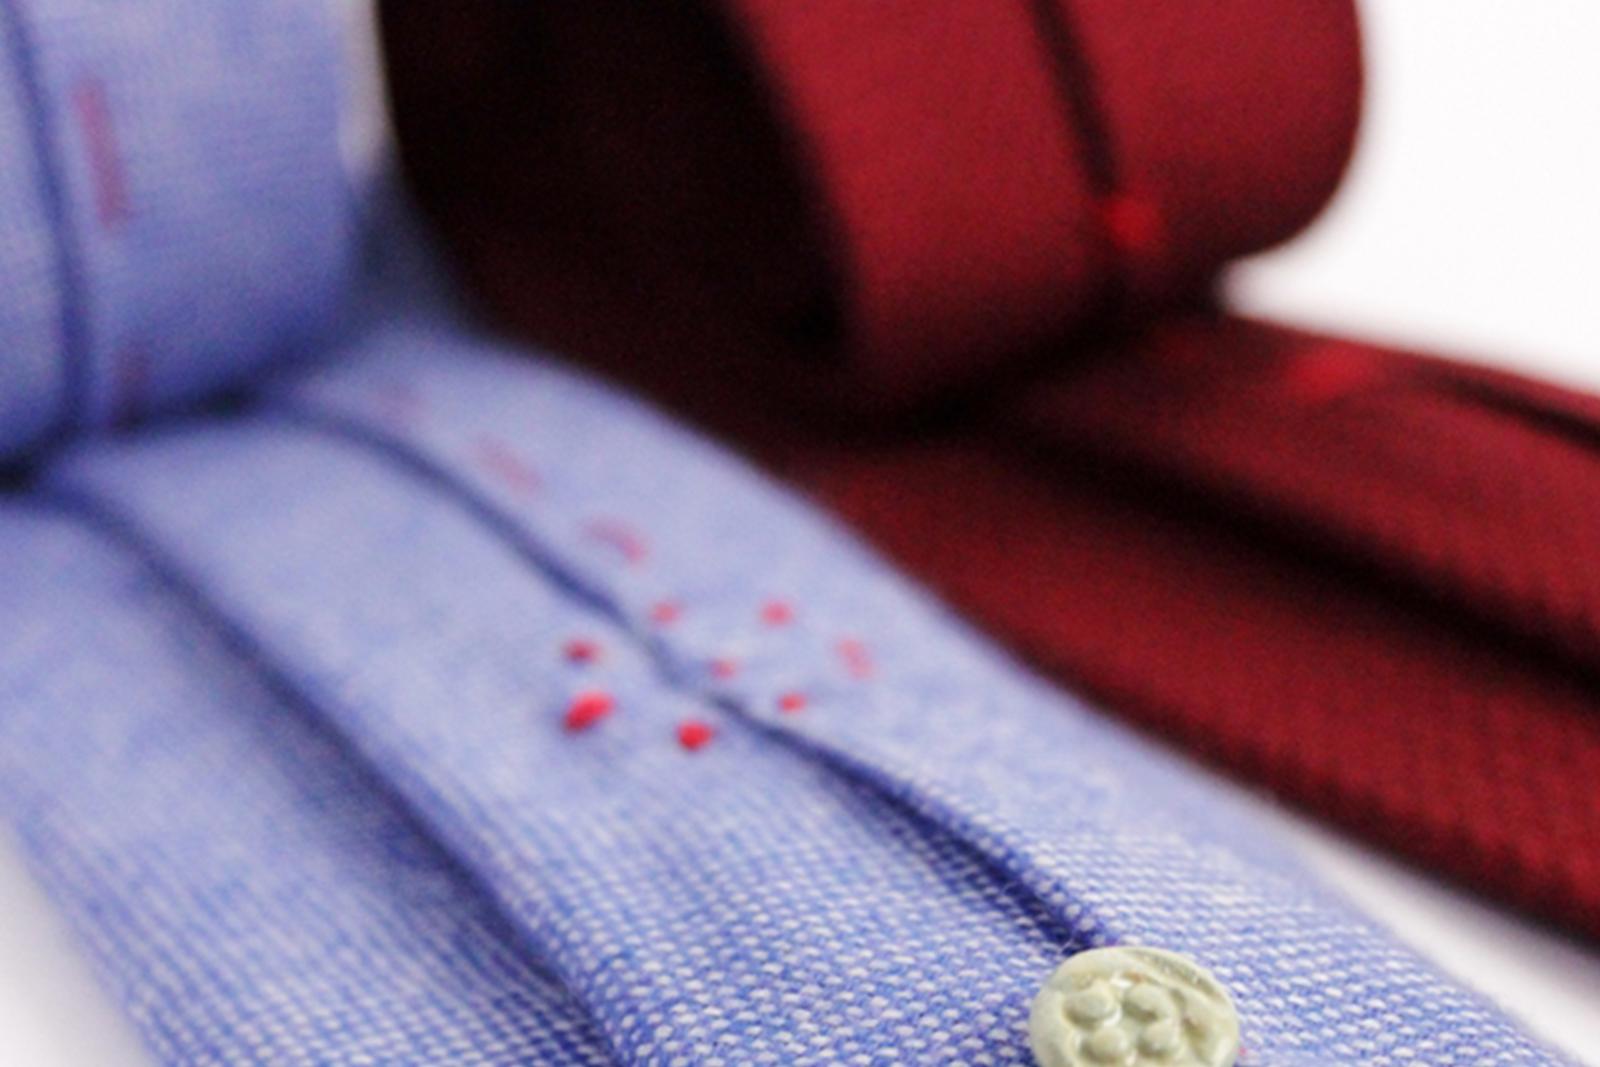 alba cravatte produzione